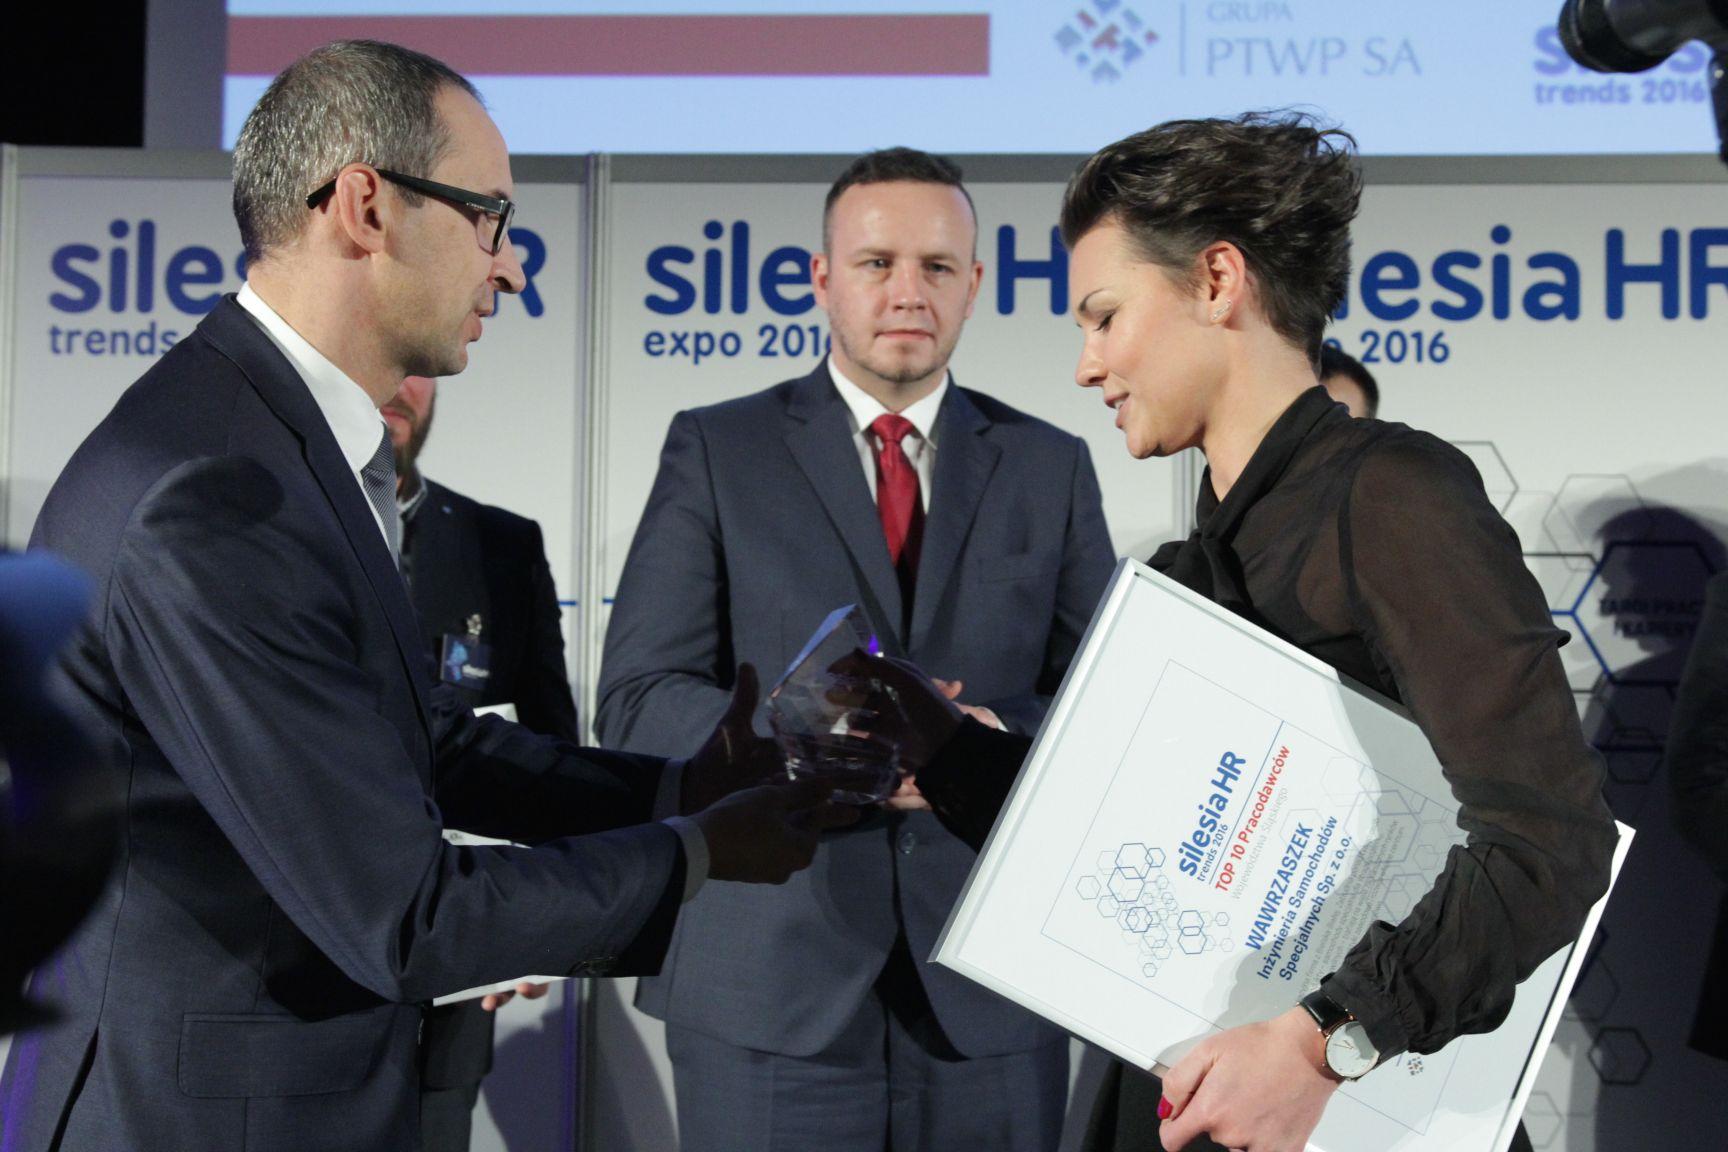 Wioletta Waligóra odbiera nagrodę z rąk Kazimierza Karolczaka, Rafała Kergera (fot.PTWP)